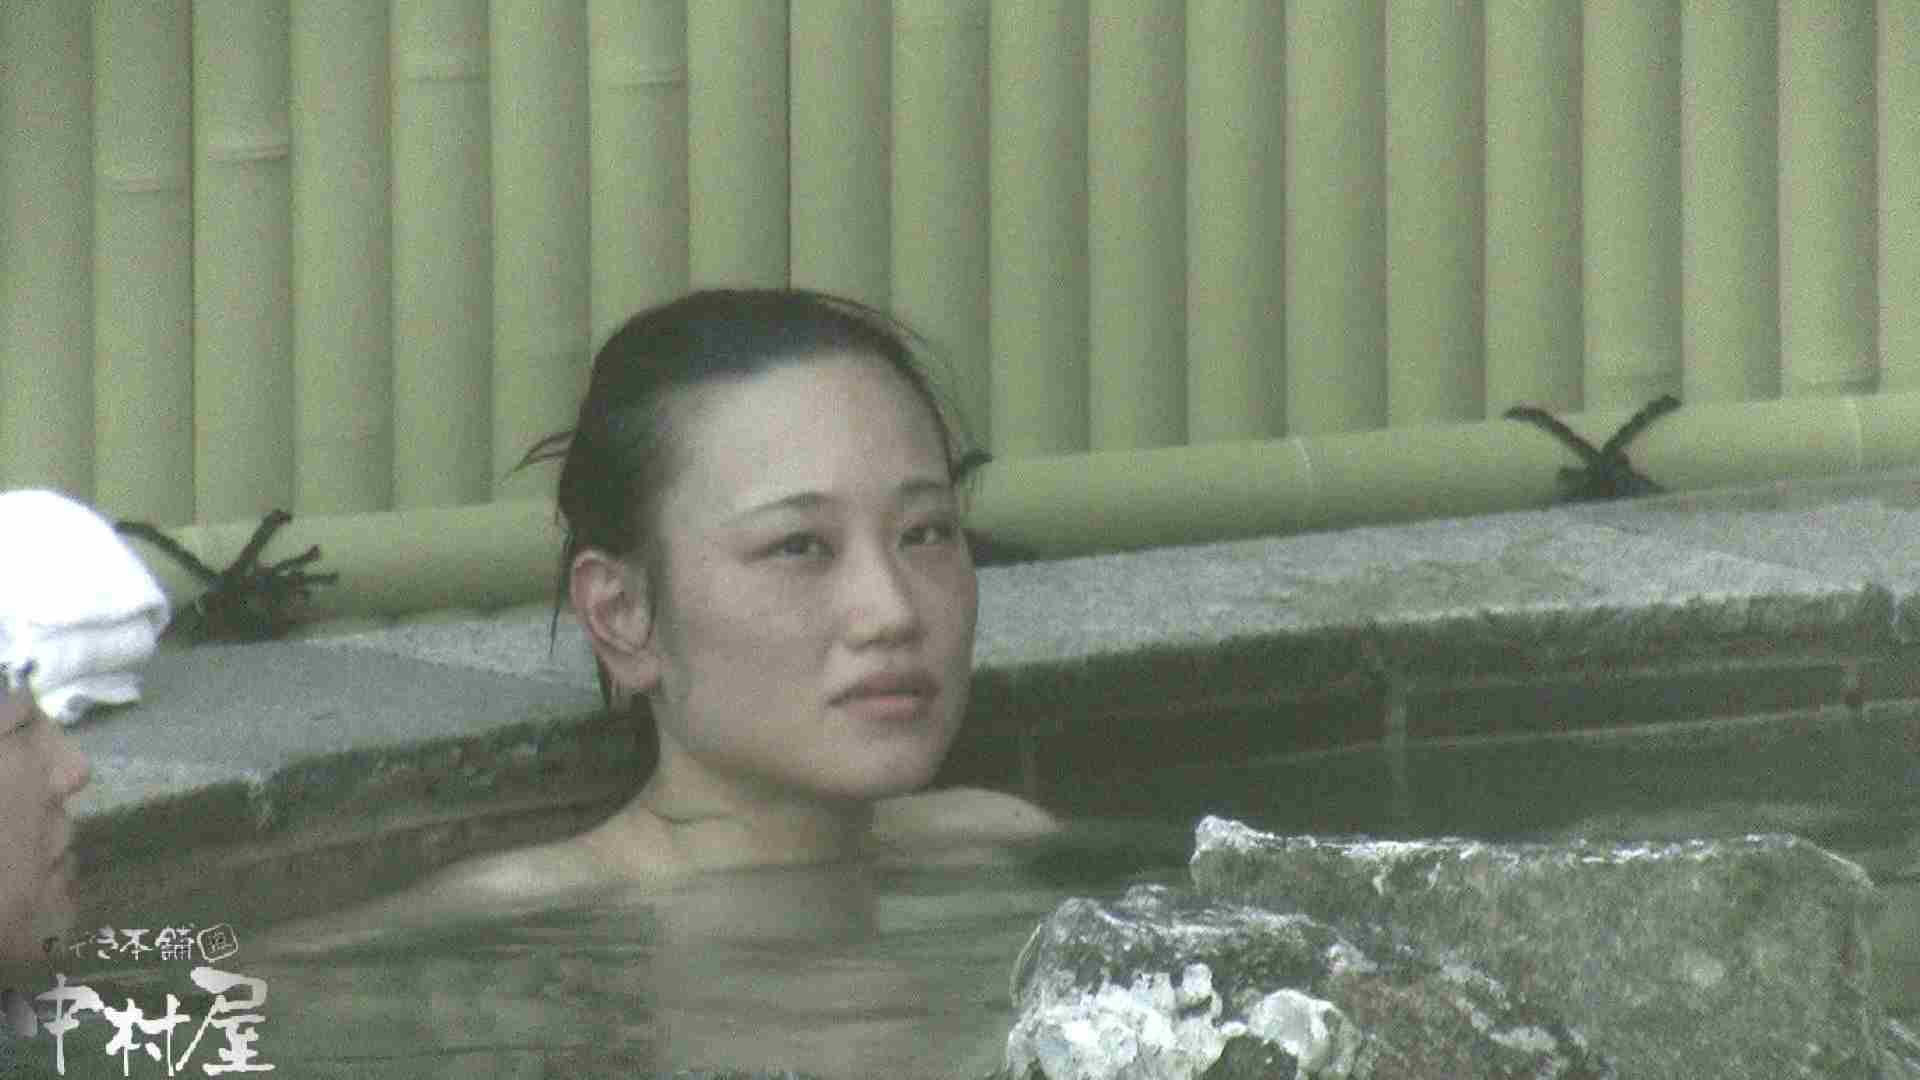 Aquaな露天風呂Vol.914 露天 | 盗撮  98pic 87